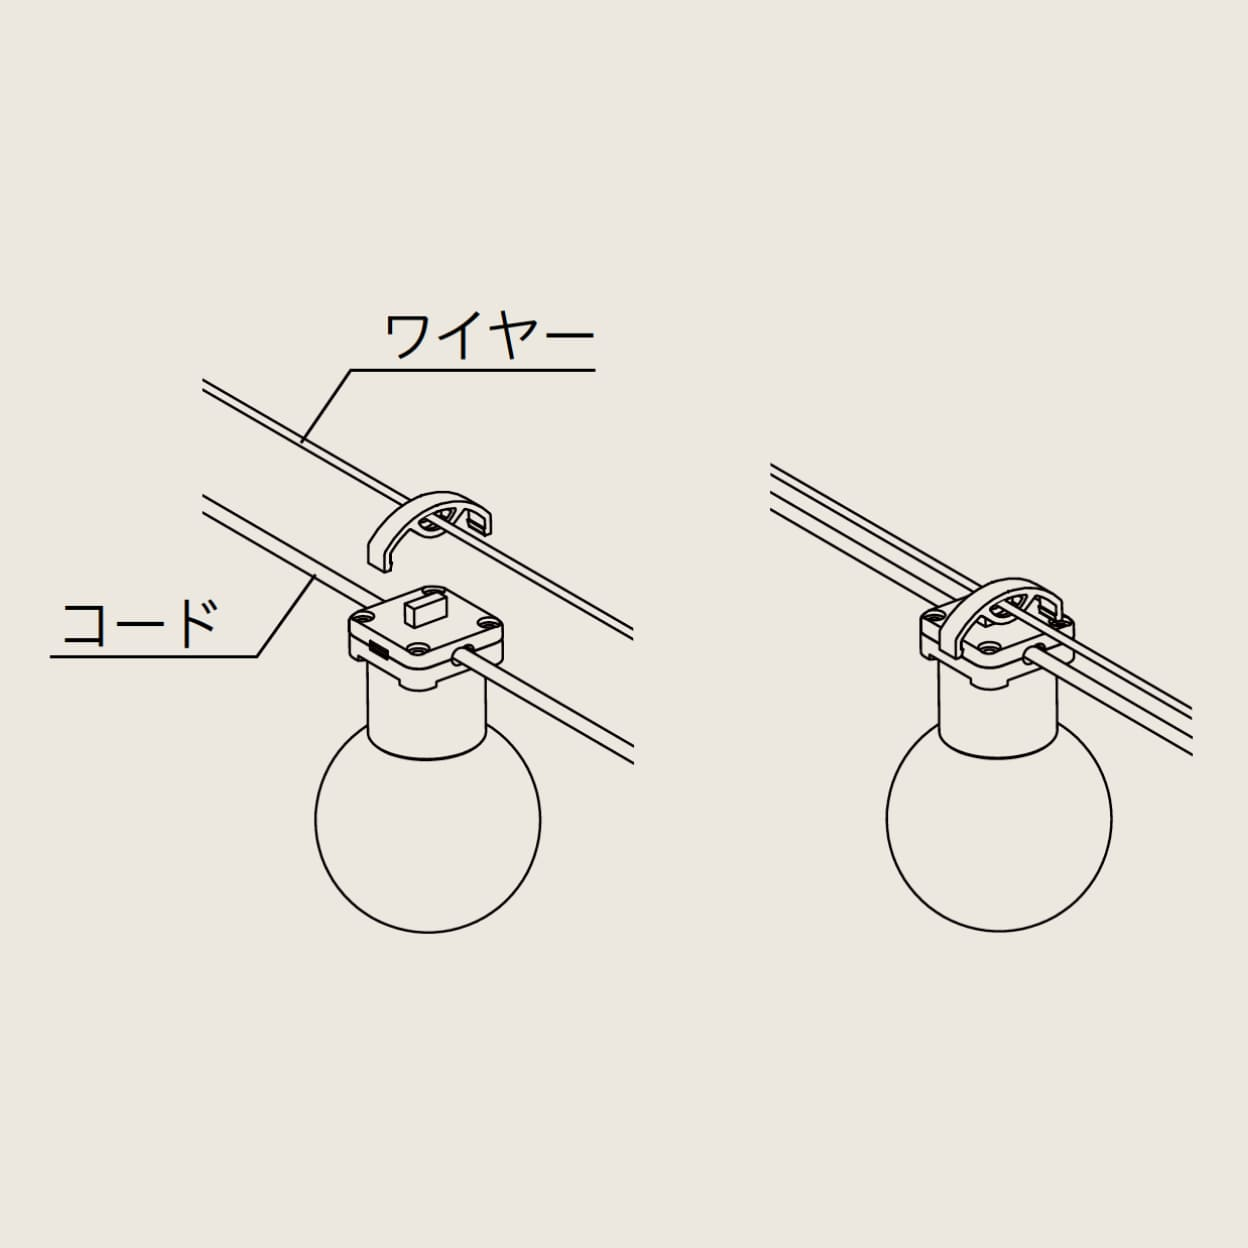 ガーランドライト用ワイヤー(10m)